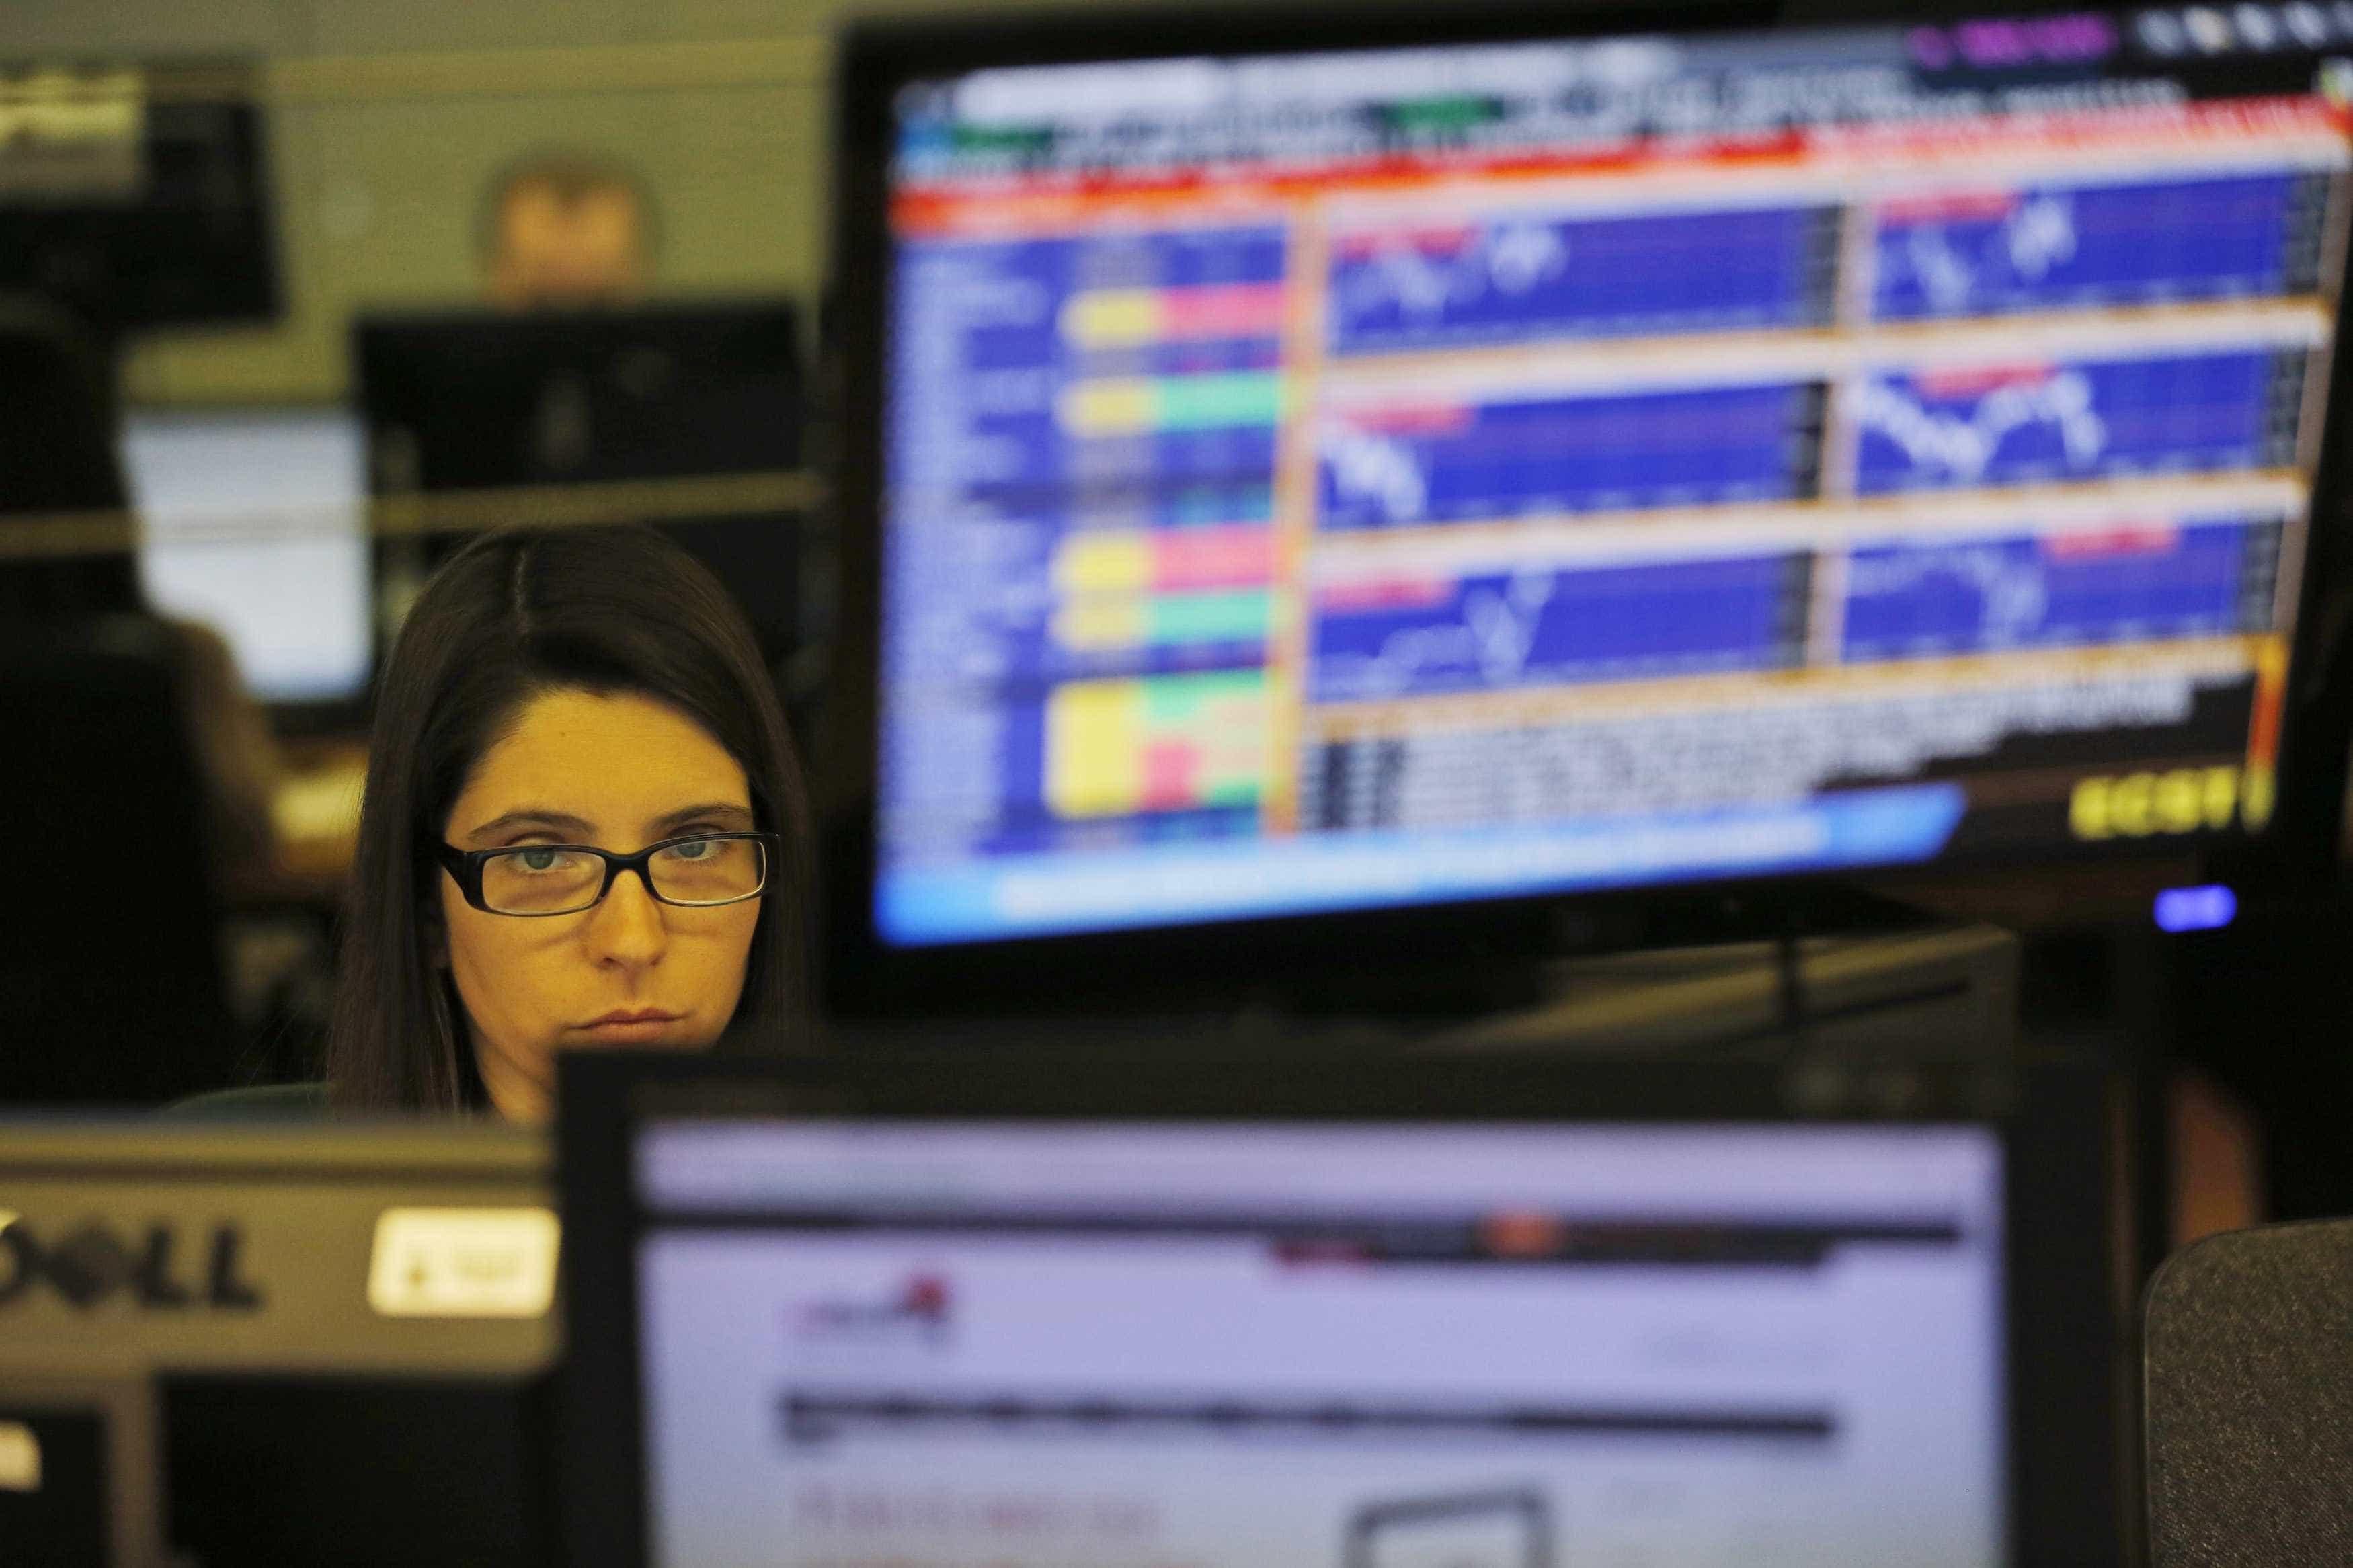 PSI20 sobe 0,66% e segue tendência das principais bolsas europeias